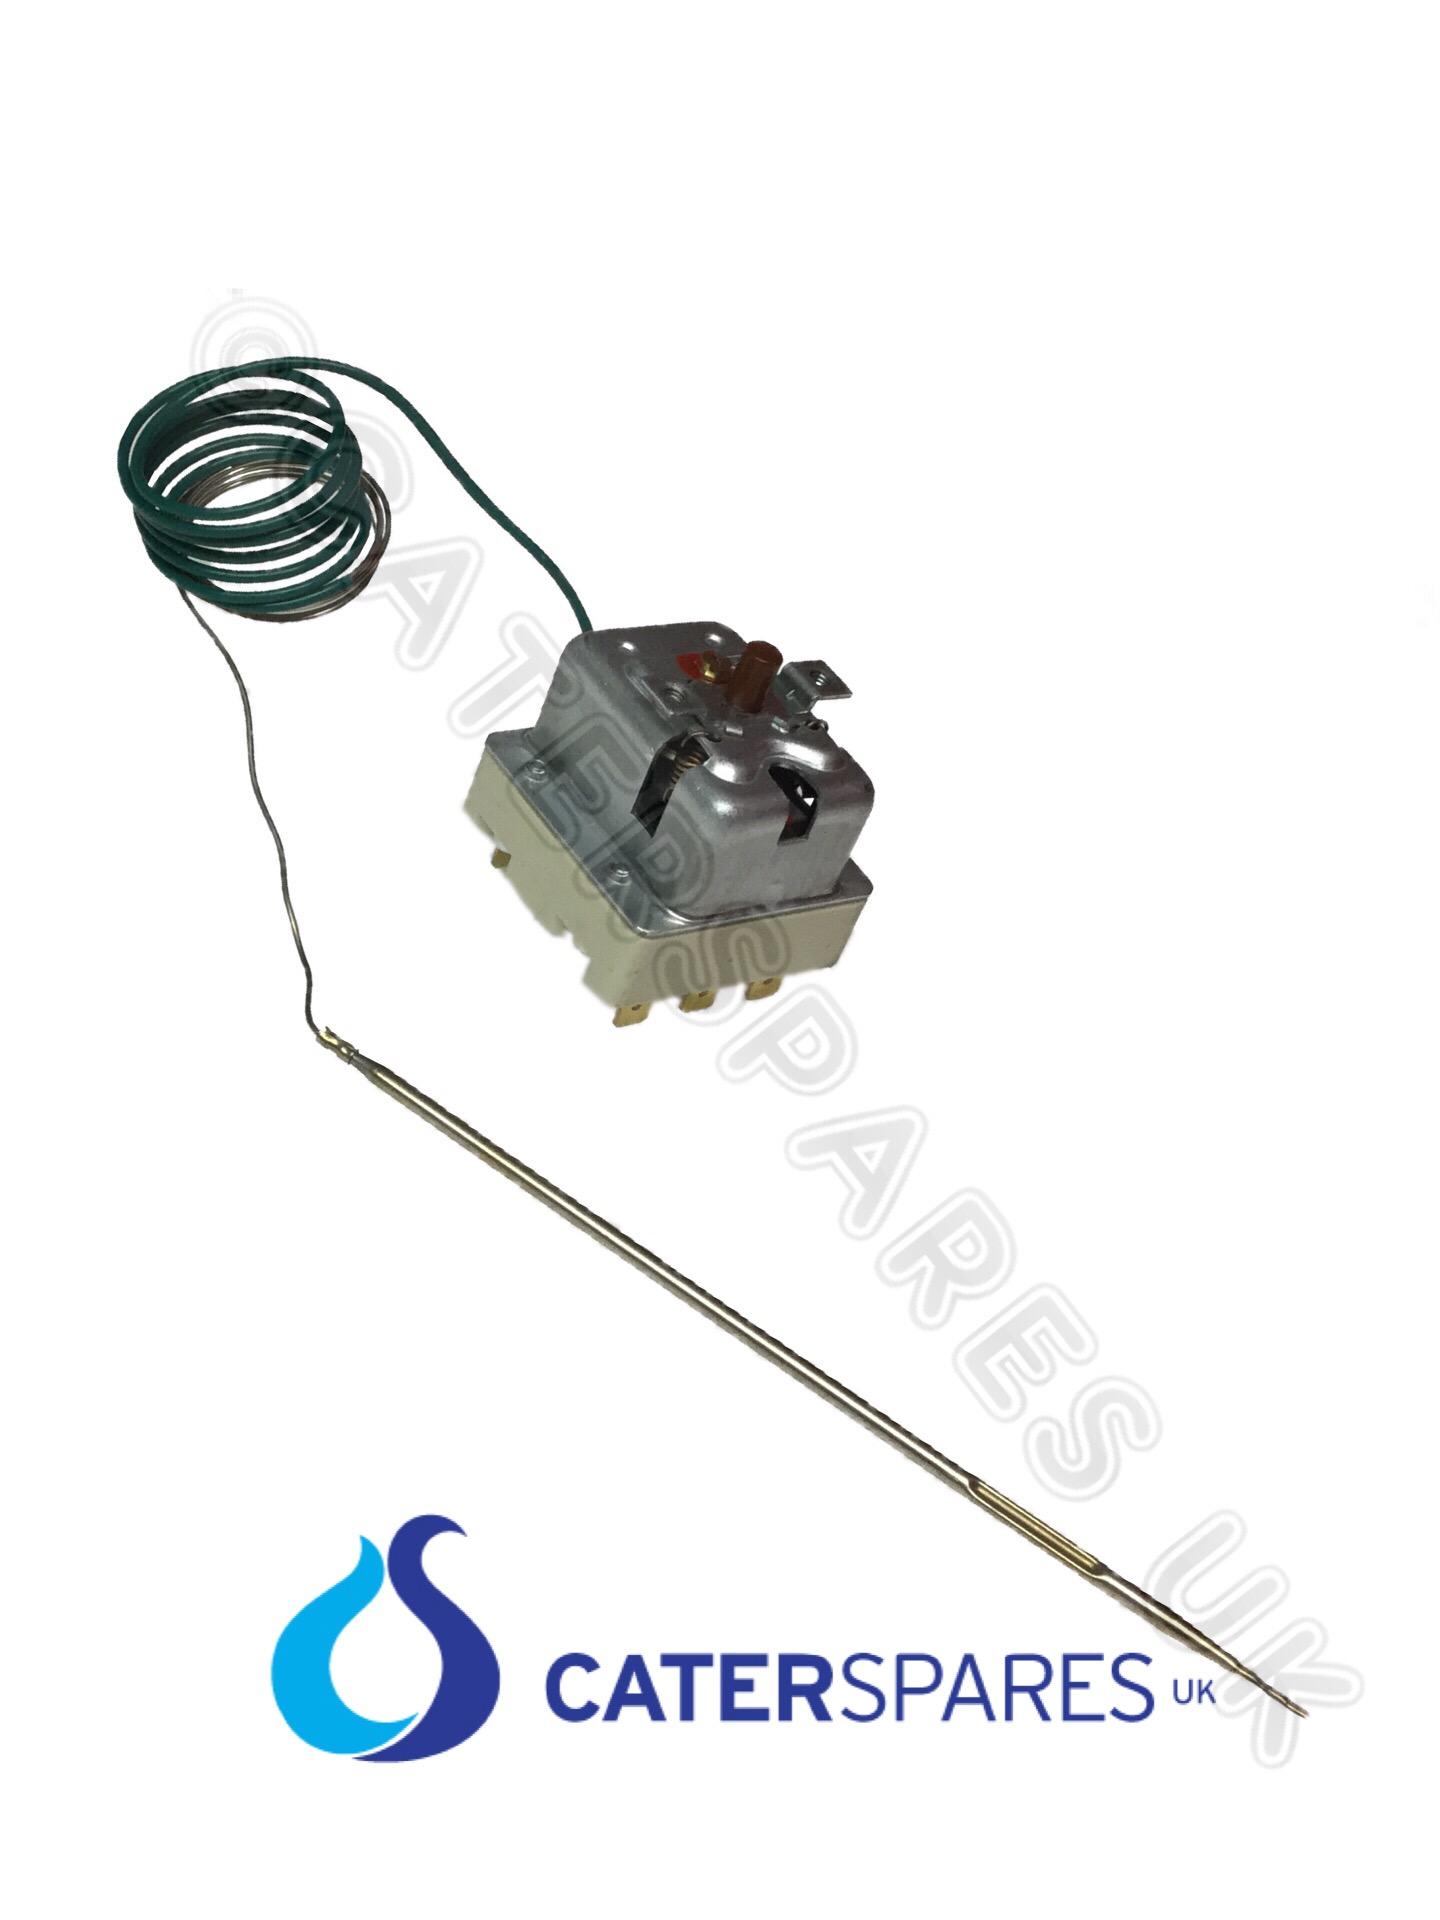 SICK WL36-B330 Reflexions-Lichttaster 1005787 Lichtschranke Lichttaster 10-30VDC